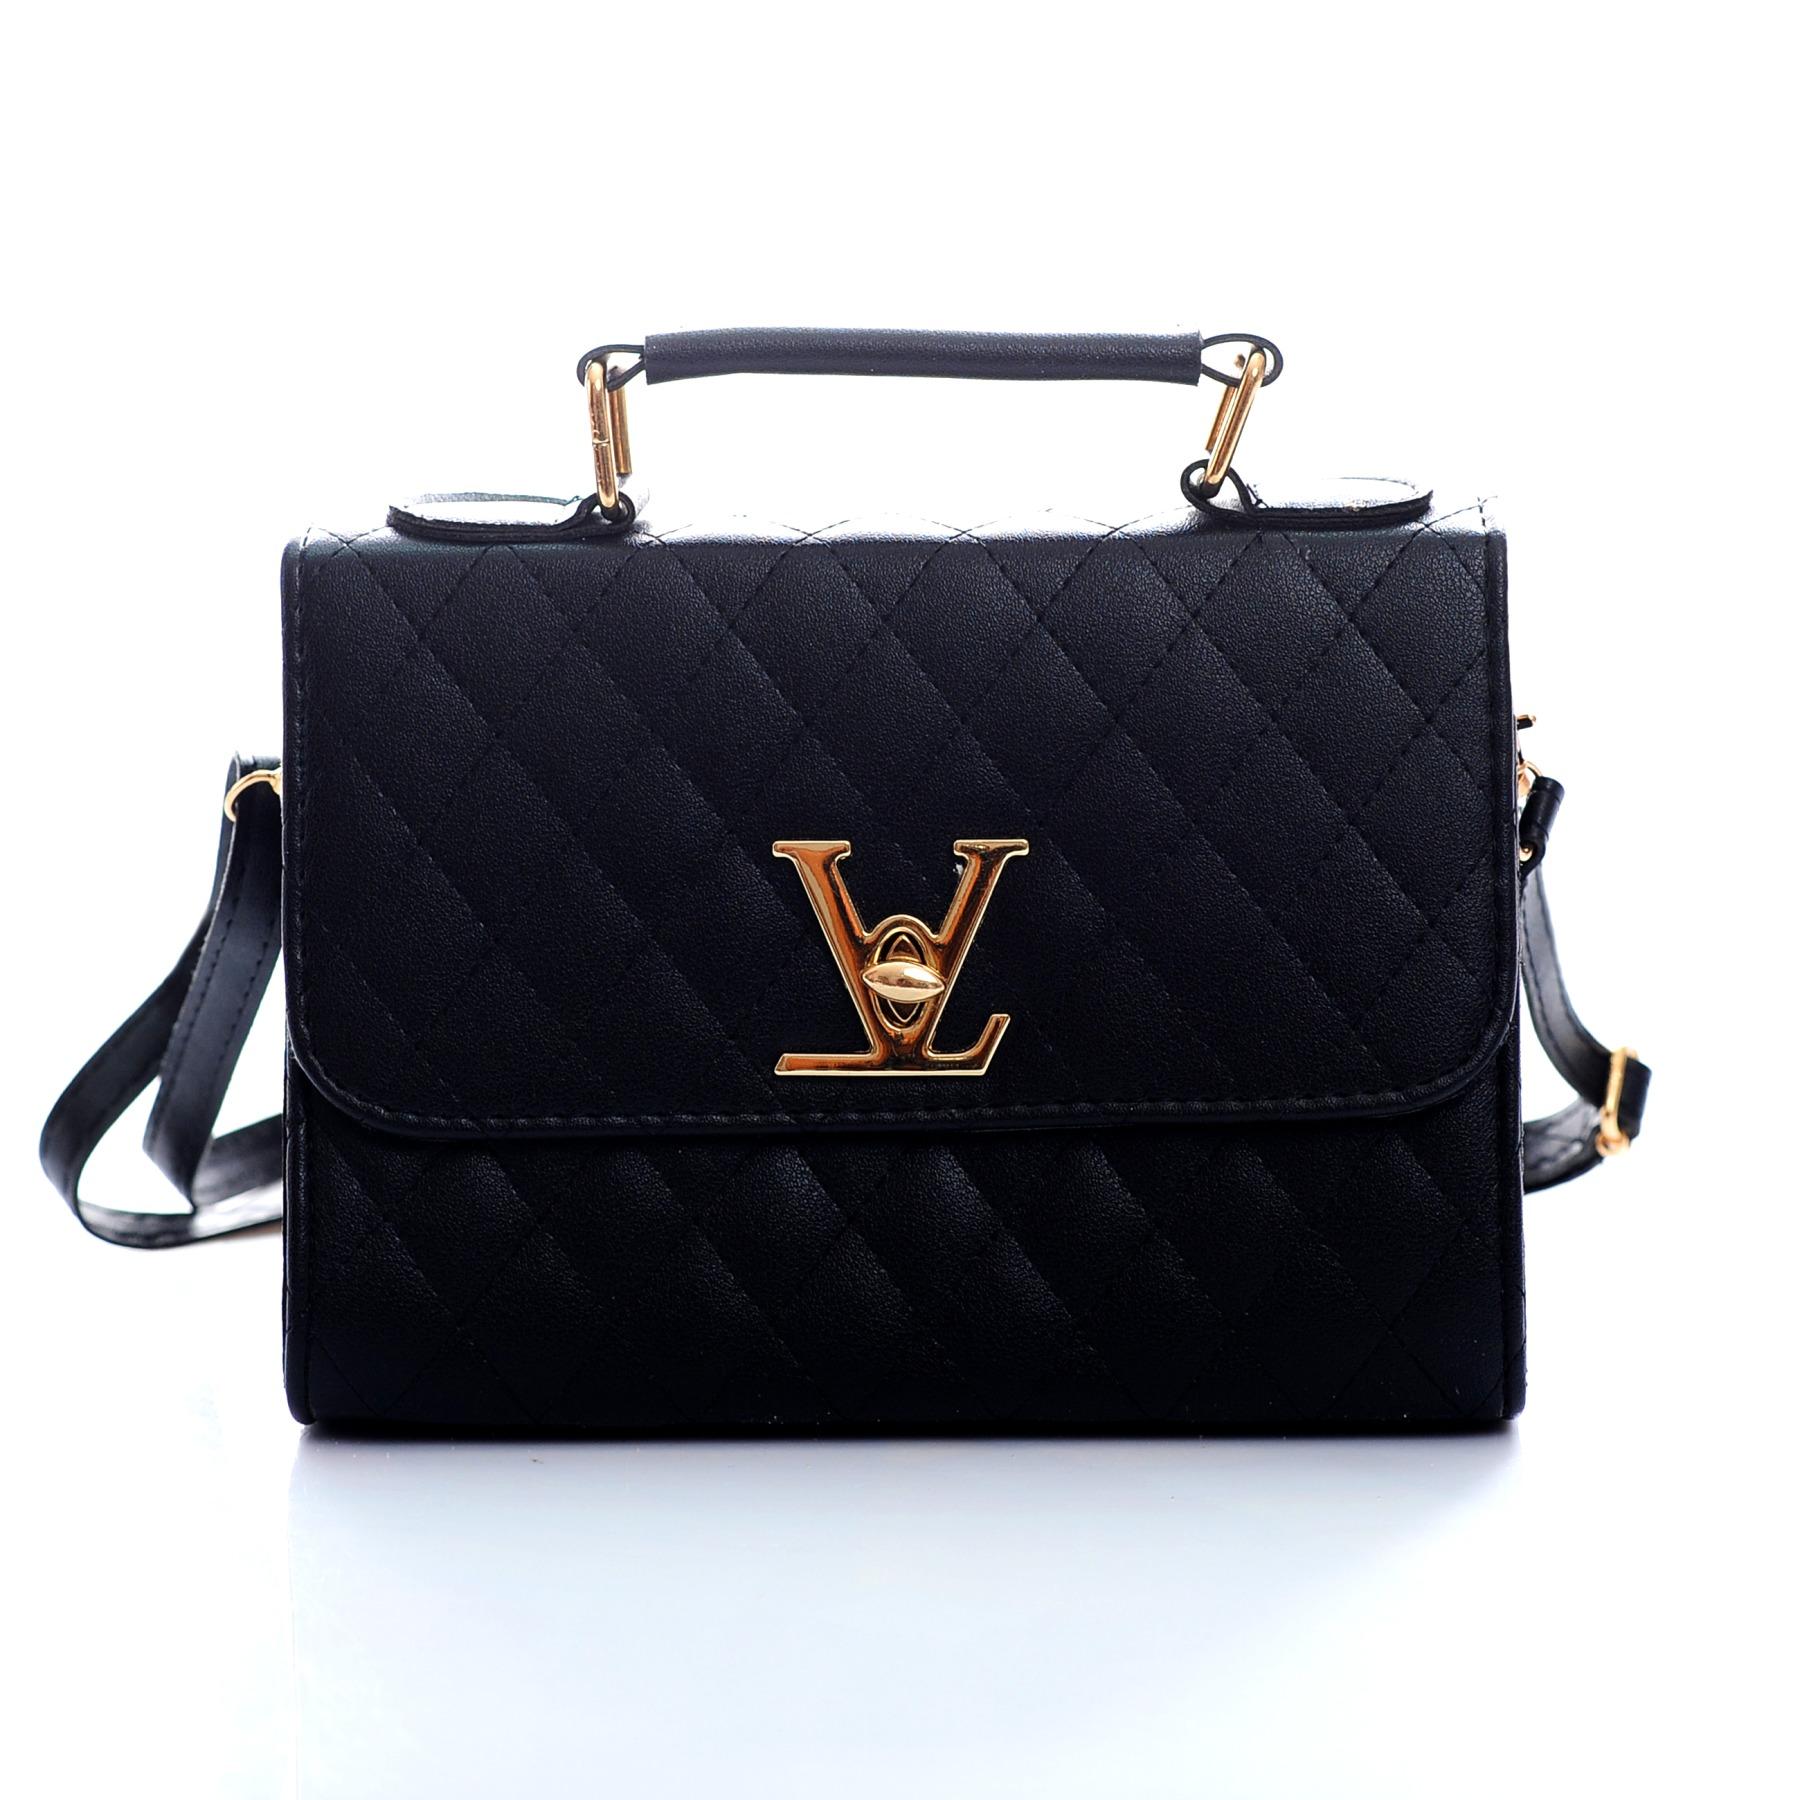 Сумка жіноча LV купити недорого в магазині Копійочка ff5443618ea73